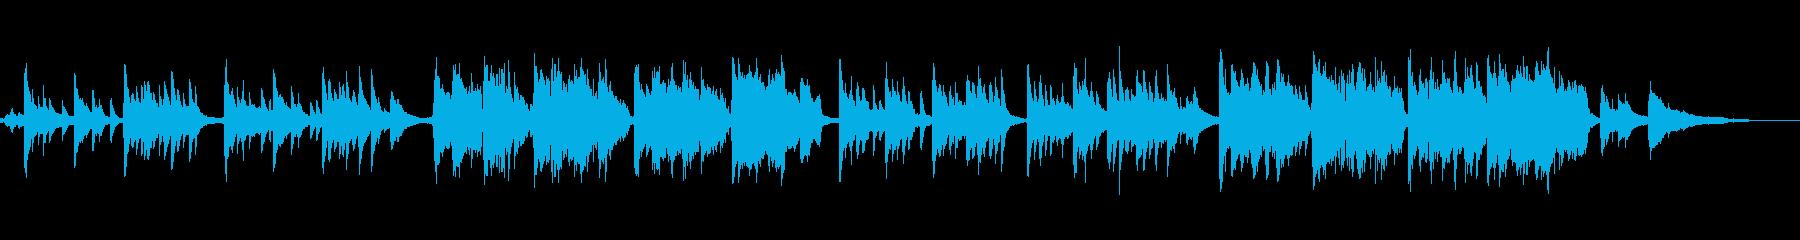 しっとりとした雰囲気の和風音楽の再生済みの波形